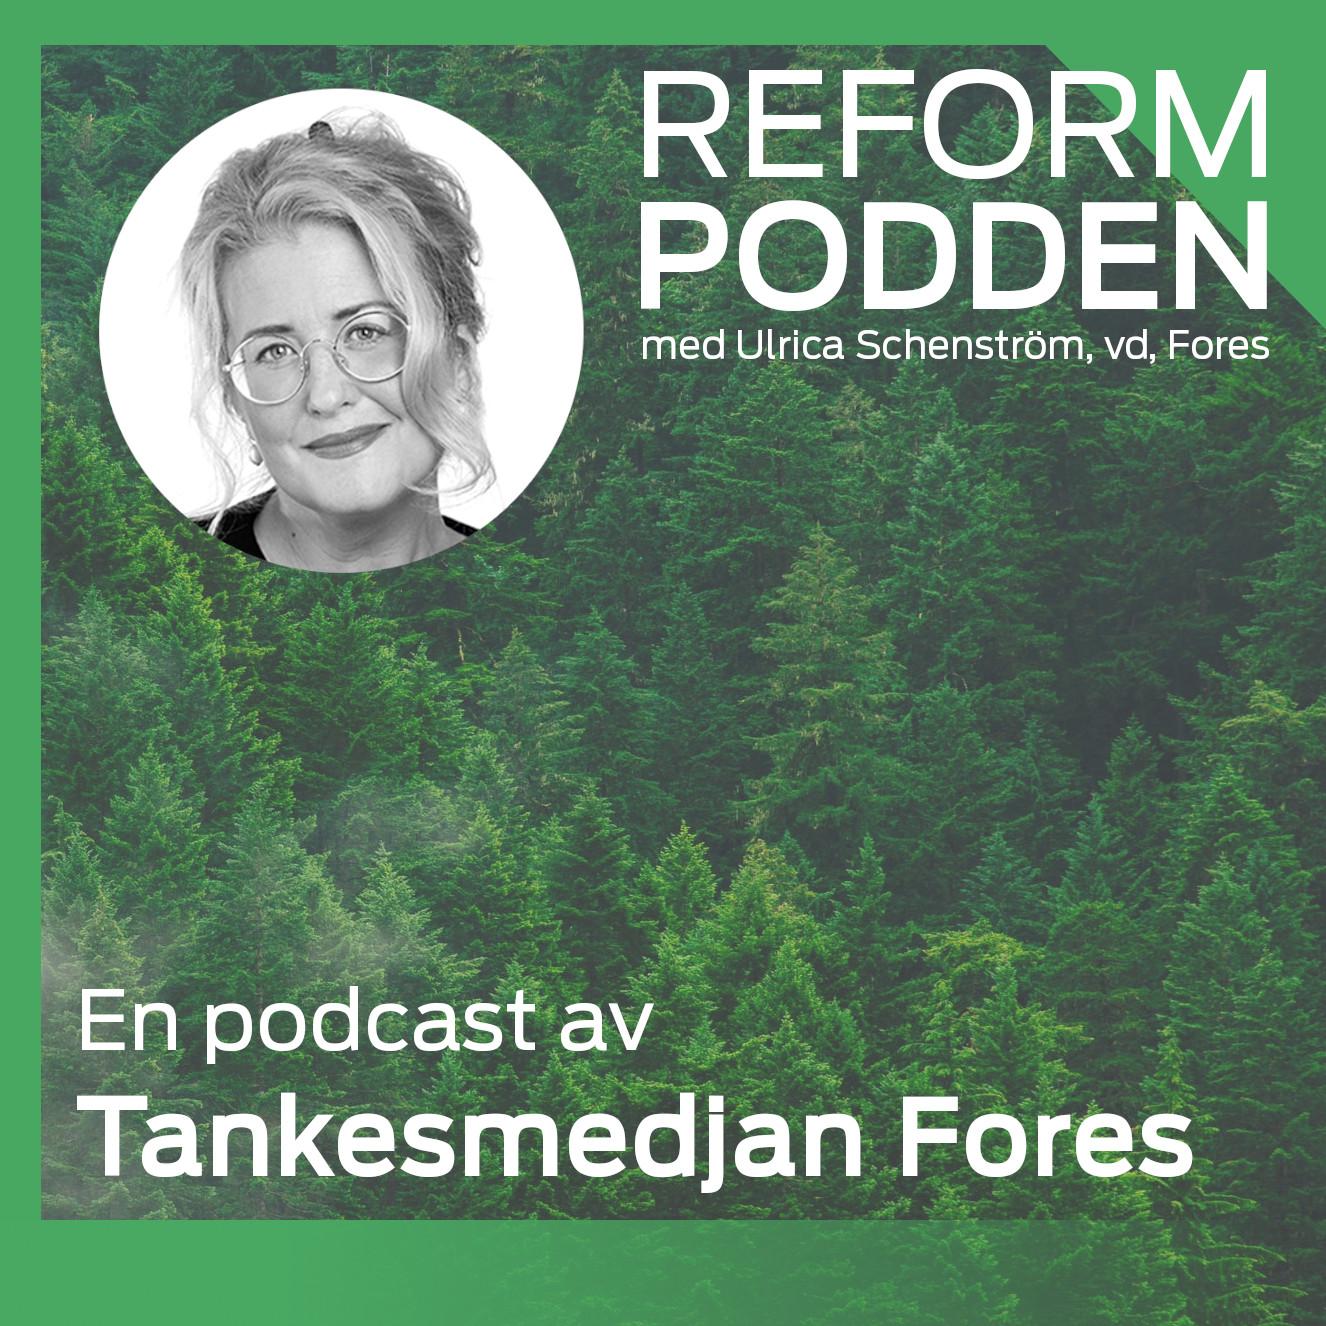 Reformpodden – En podcast av Tankesmedjan Fores show art